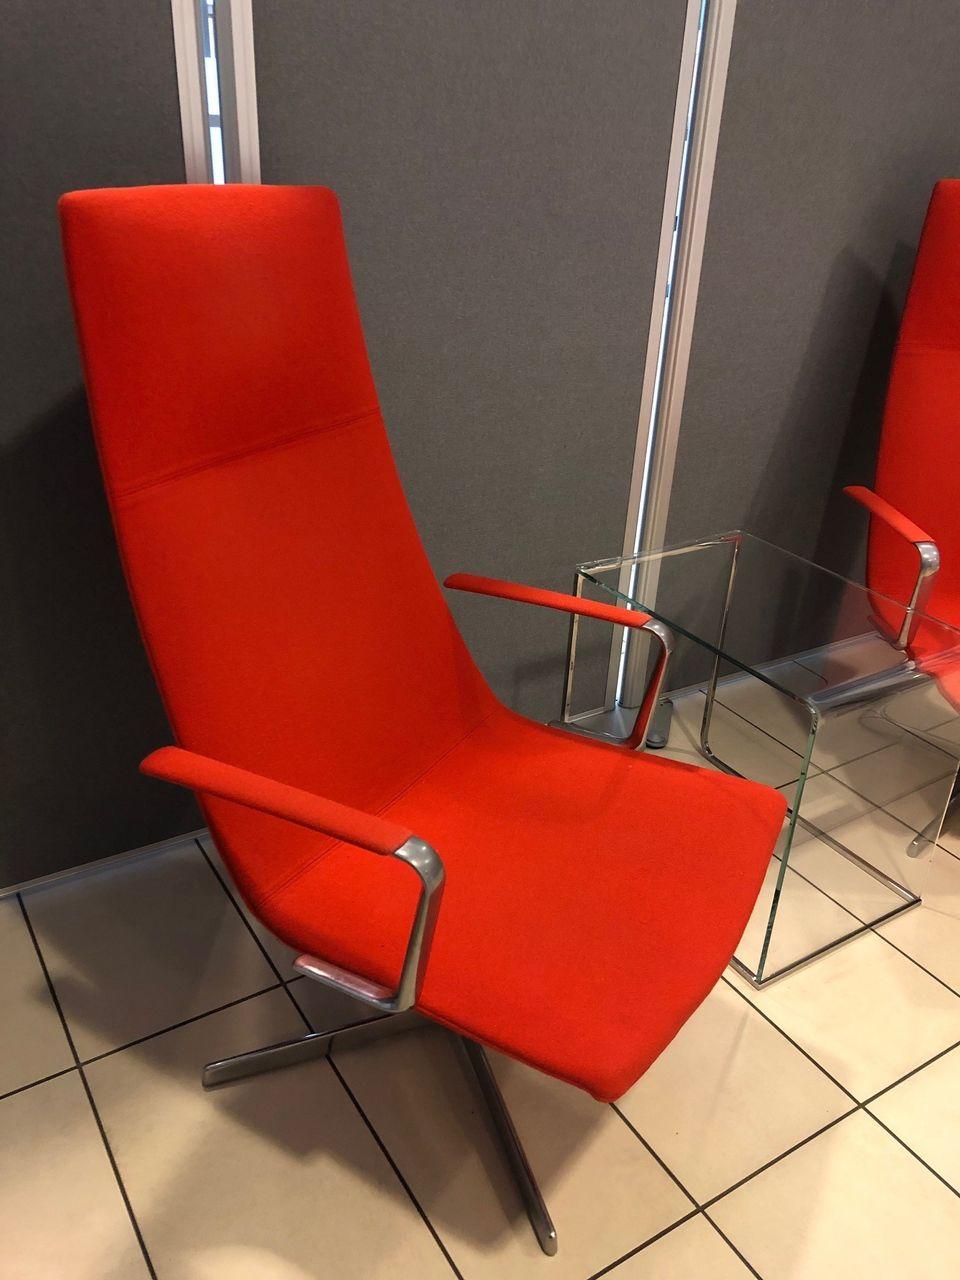 Arper Catifa 70, lounge stol med rødt stoff Designstol BRUKTE KONTORMØBLER